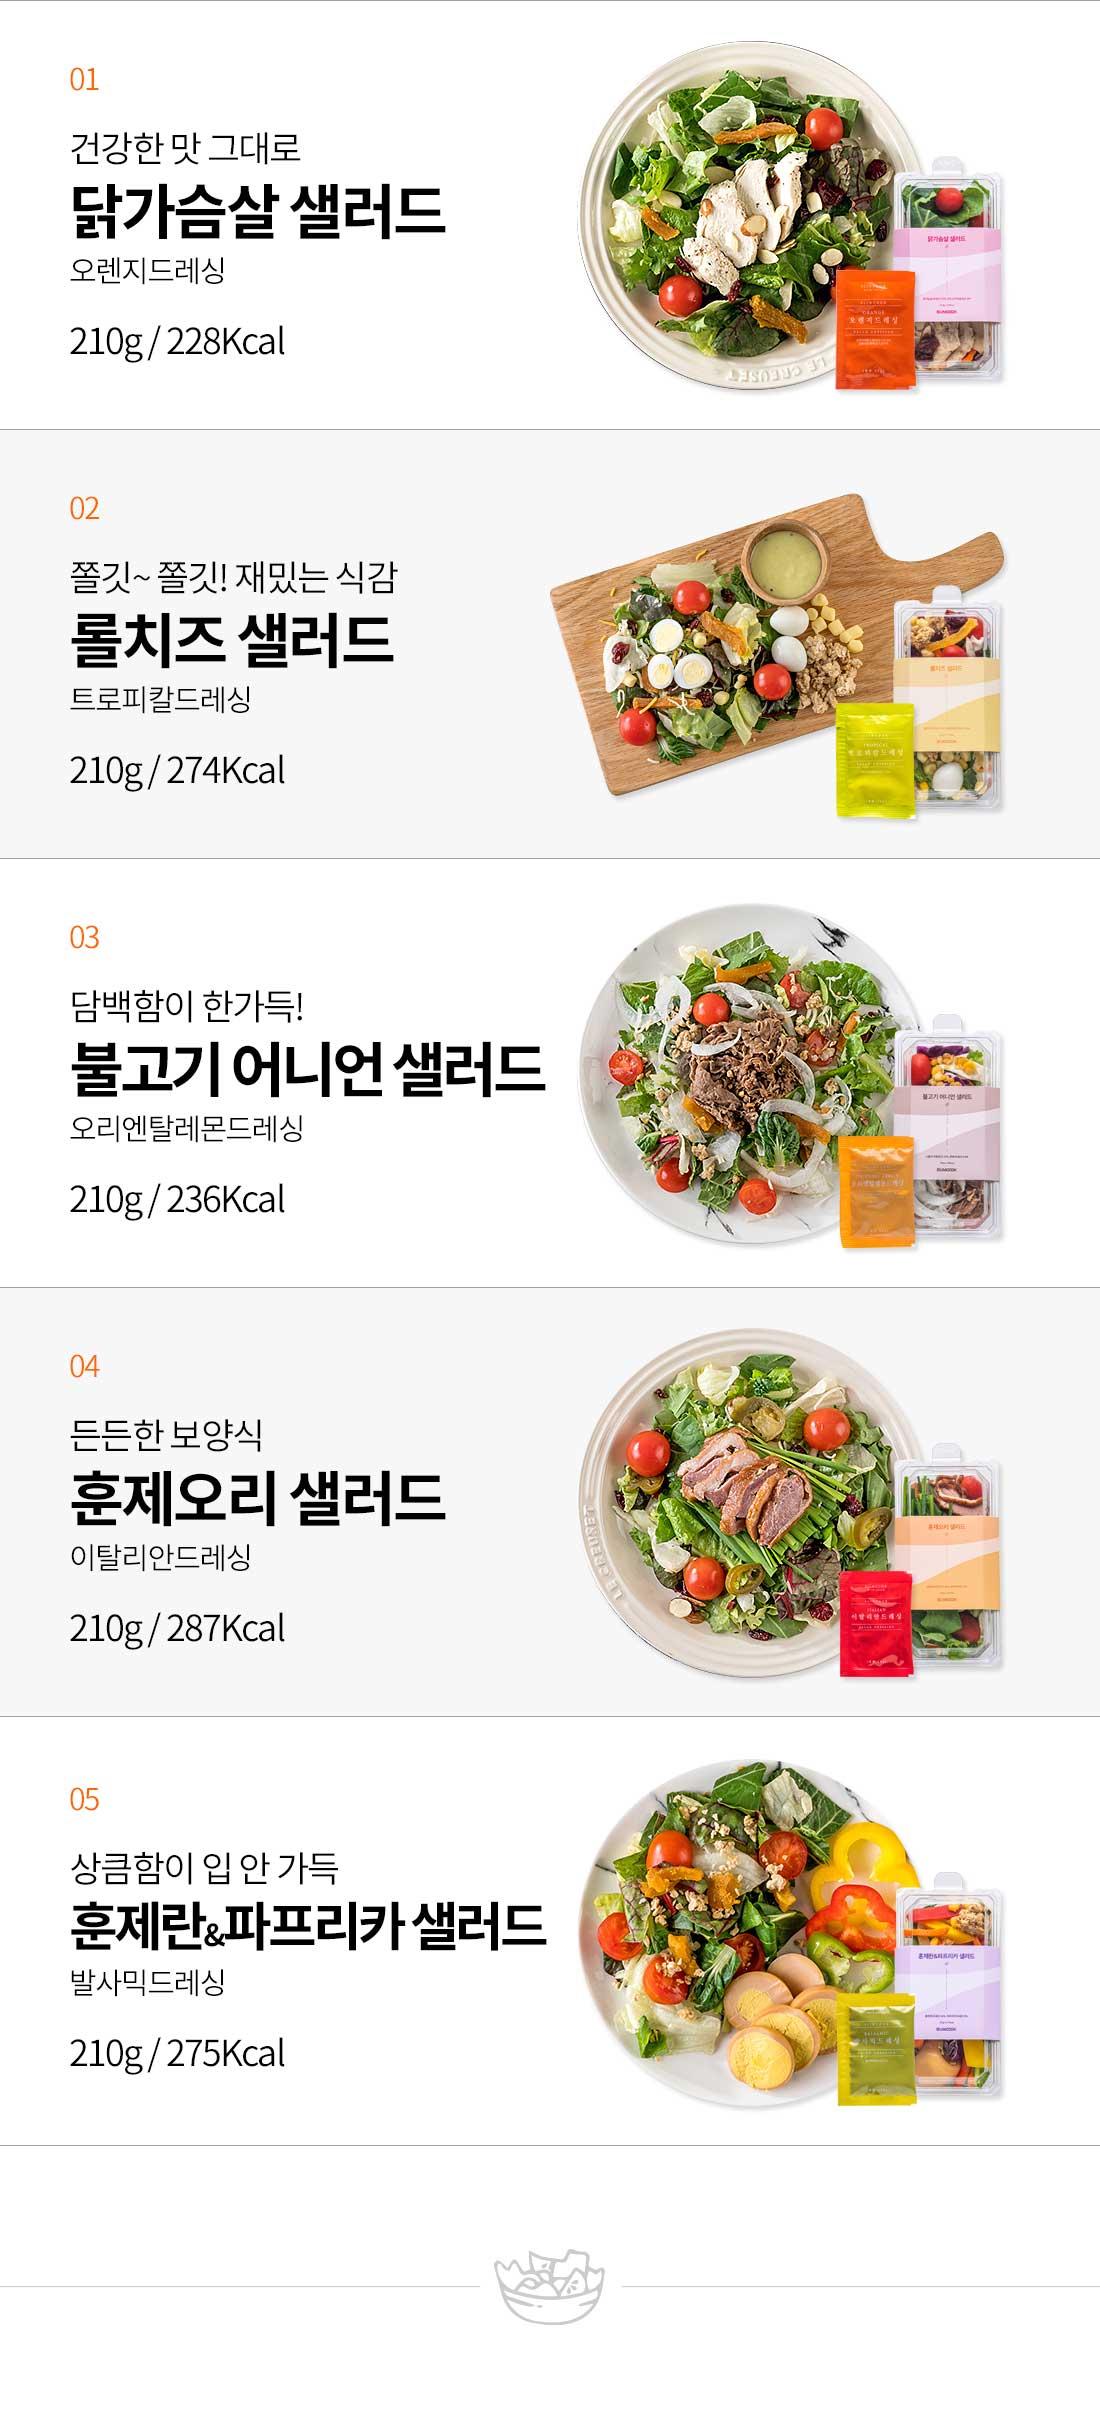 슬림쿡 샐러드 정기배송 1일 1식 목록